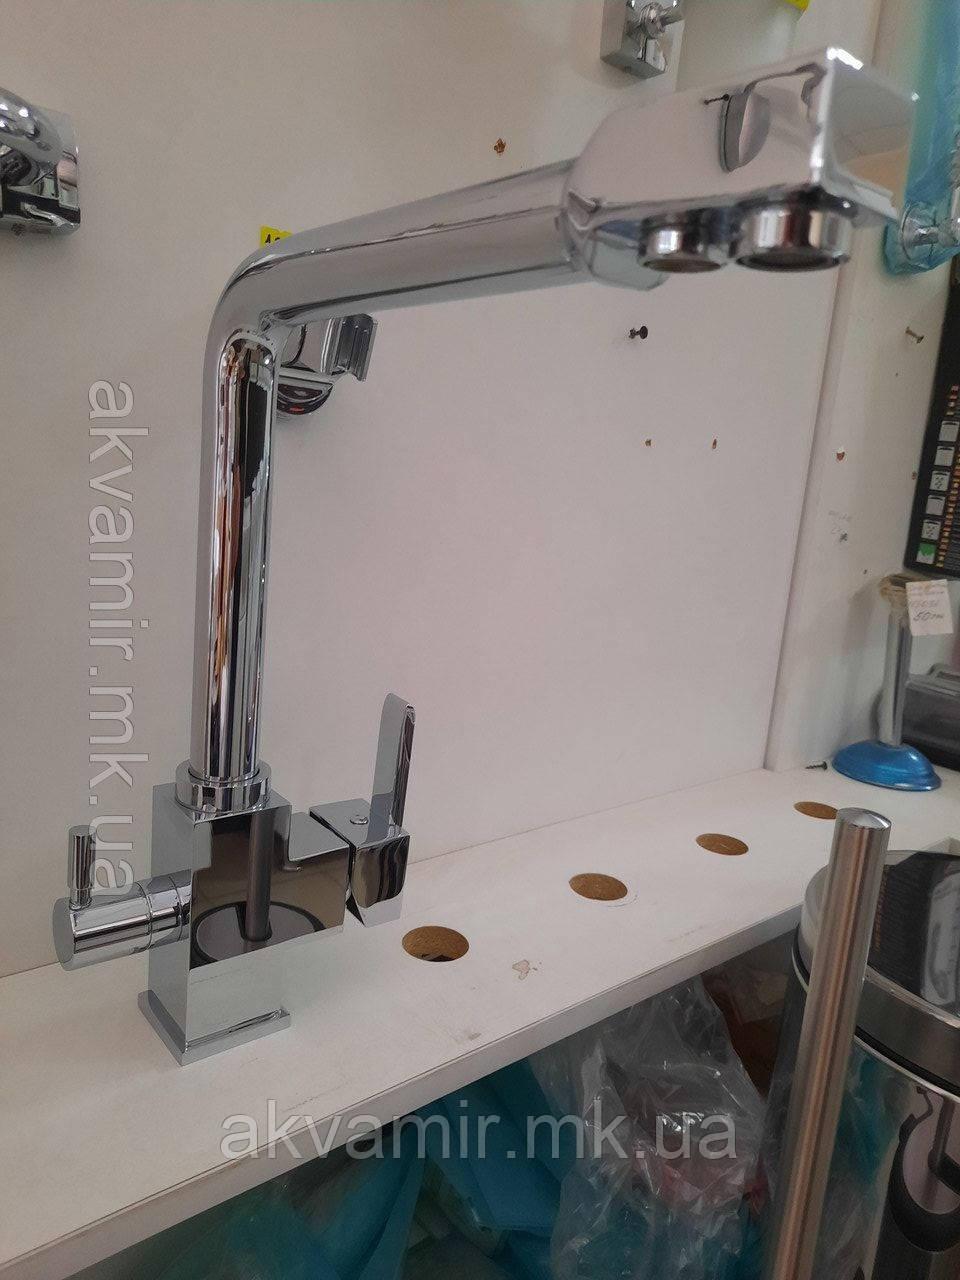 Смеситель для кухни Fabiano FKM 31 Chrome (хром) с подключением к фильтру